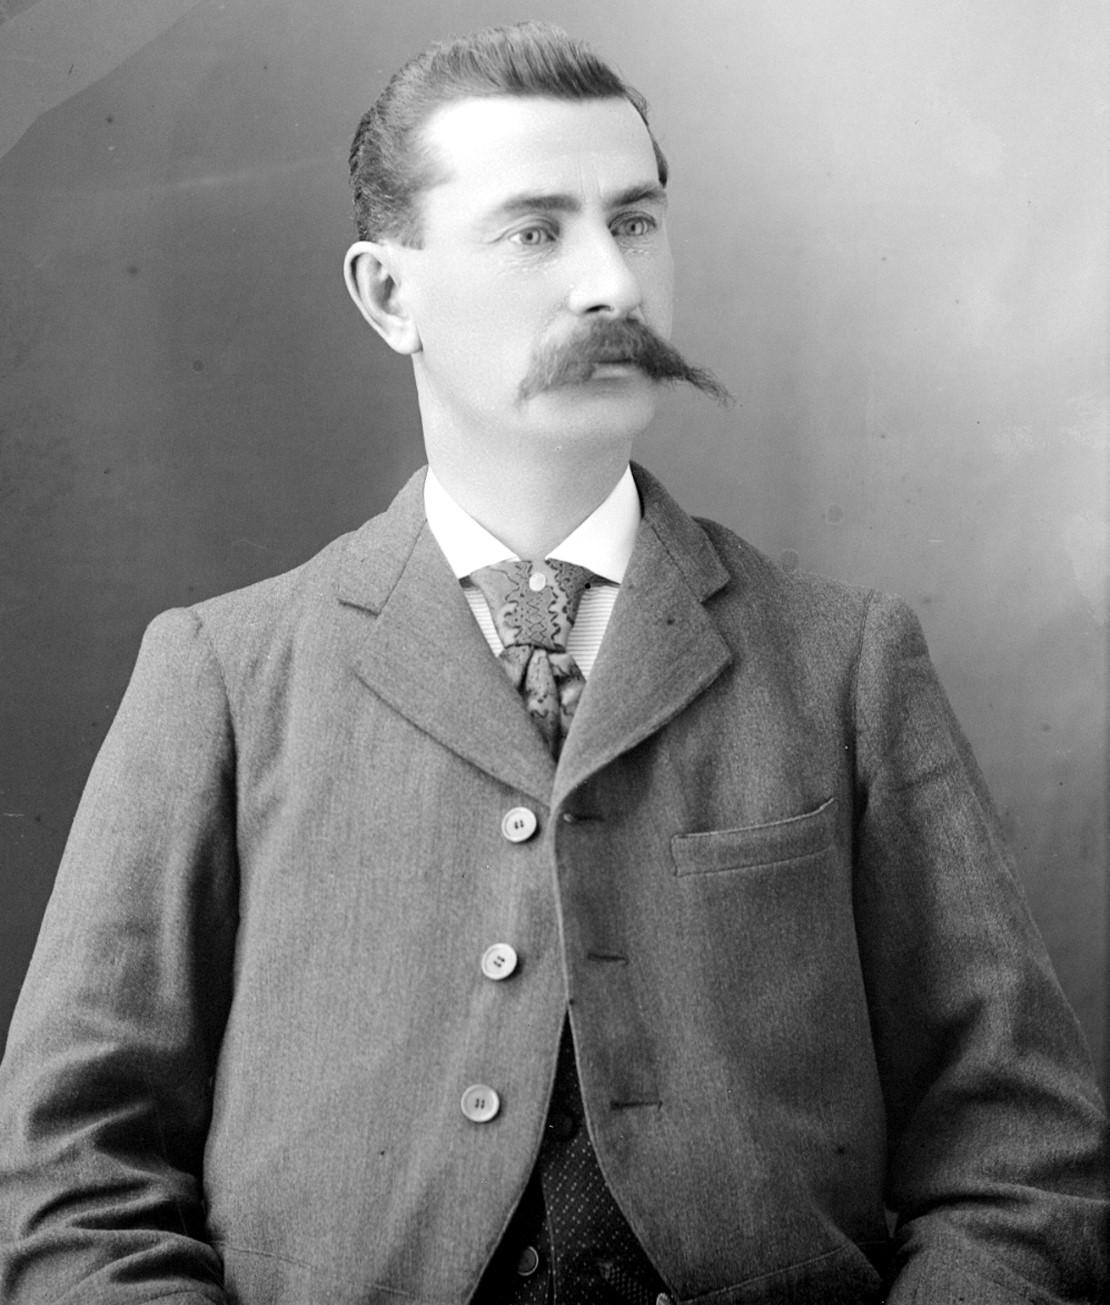 Portrait d'un homme distingué portant une moustache proéminente.